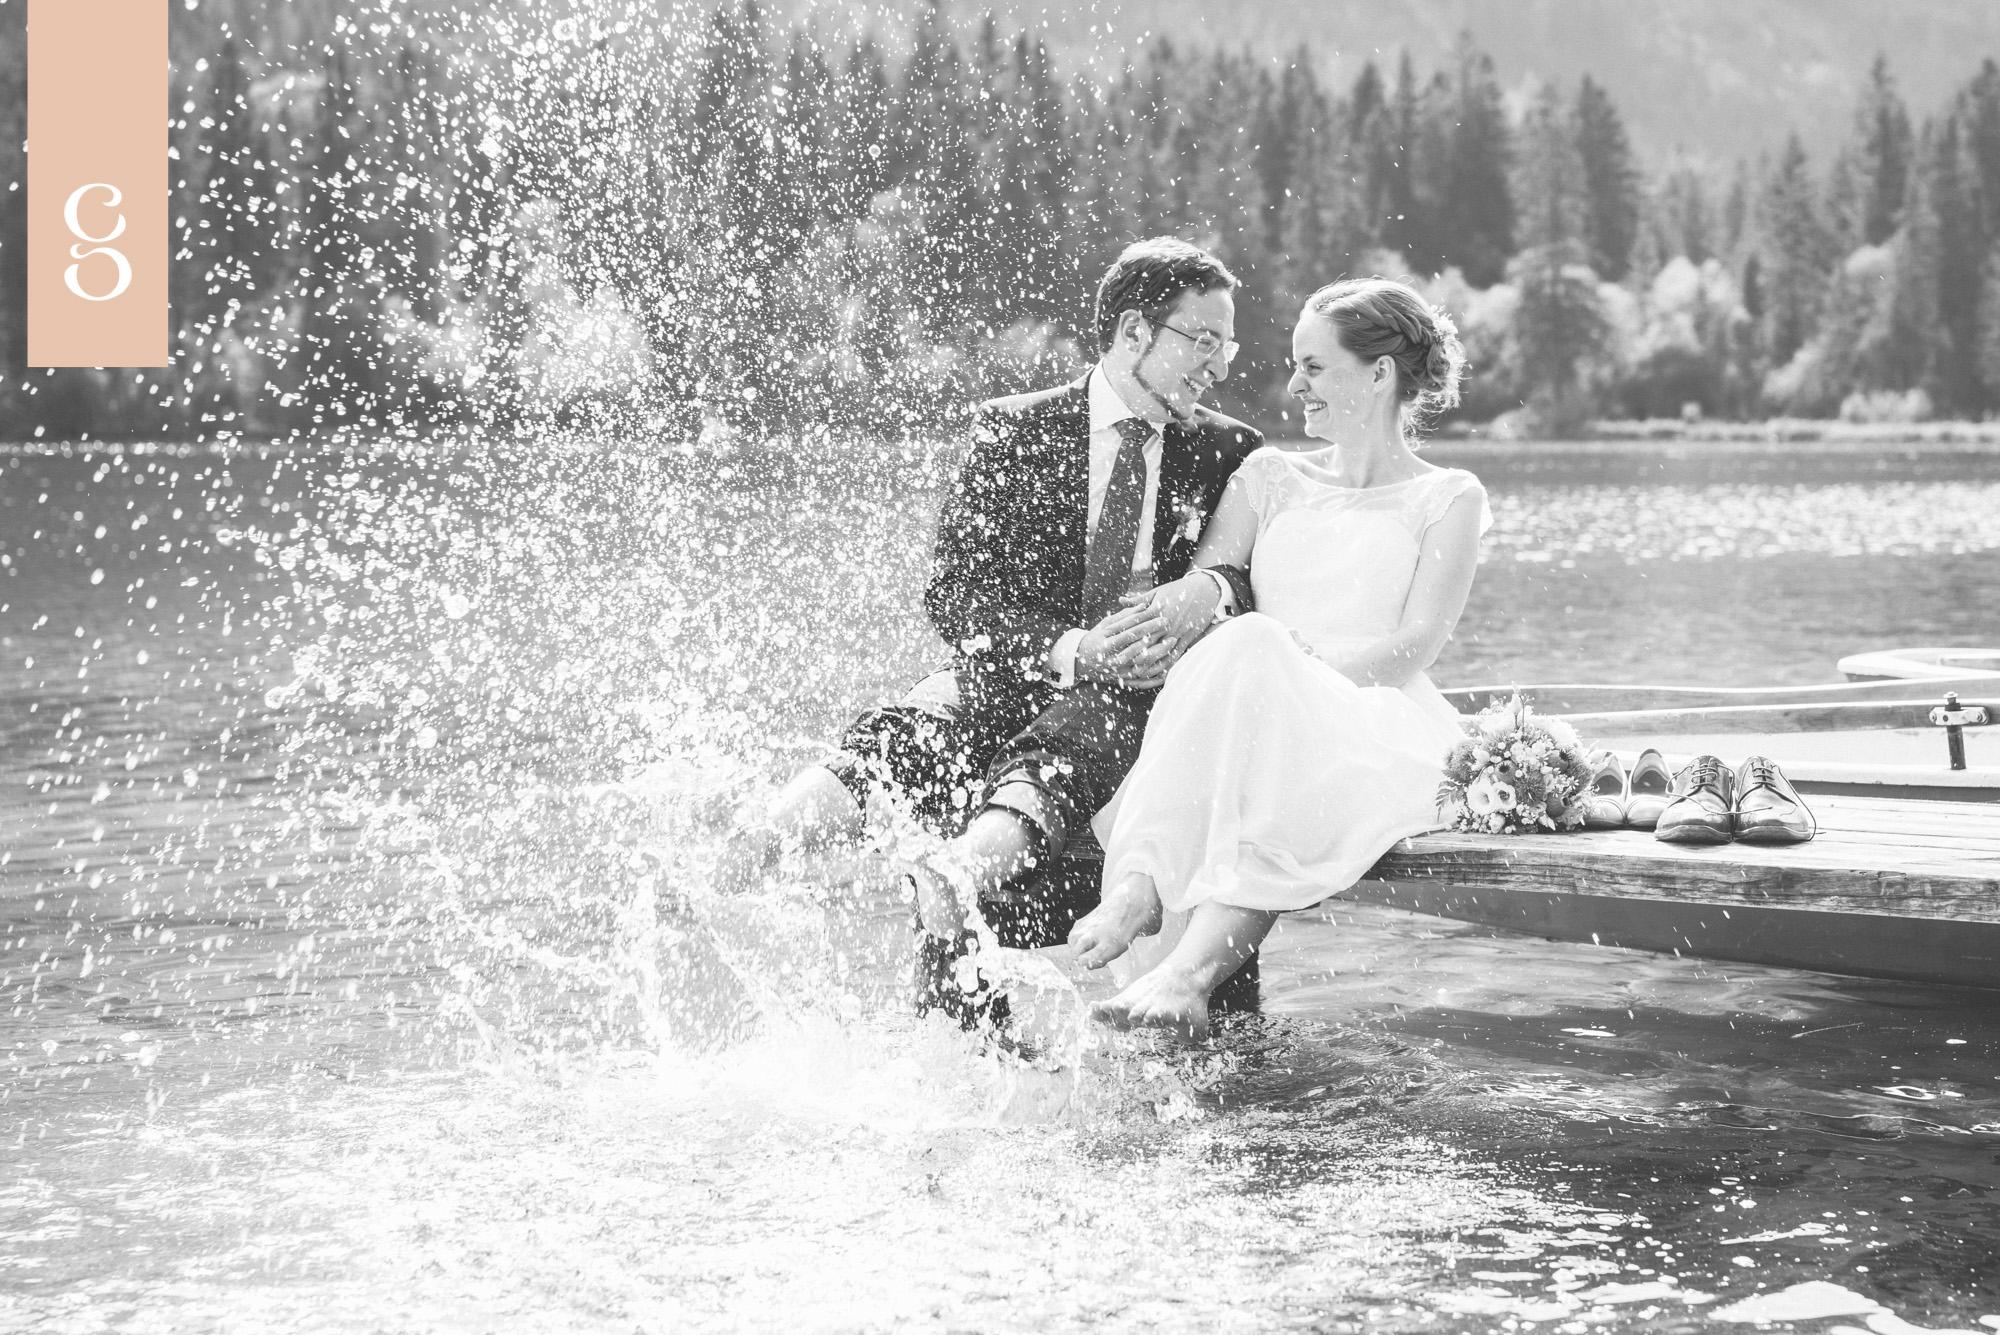 Fotograf_Goettges_Hochzeit_Wedding_Ramsau_Hintersee_Hirschbichl_Berchtesgaden_Hochzeitsfotograf-22